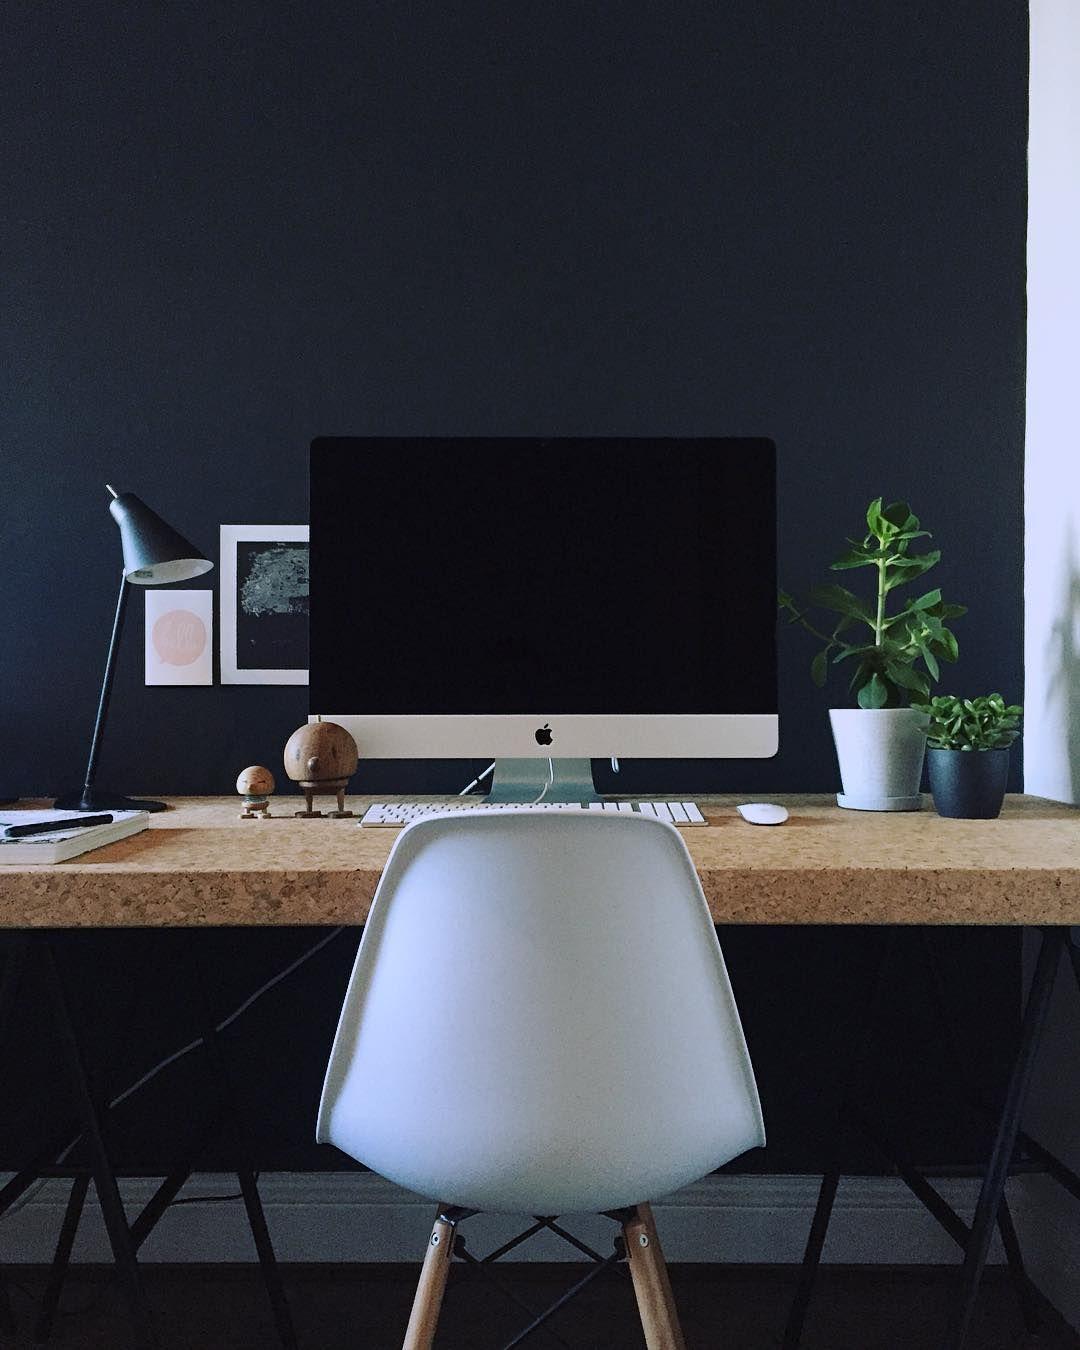 die besten 25 ikea arbeitstisch ideen auf pinterest ikea studiertisch ikea ideen stuhl und. Black Bedroom Furniture Sets. Home Design Ideas